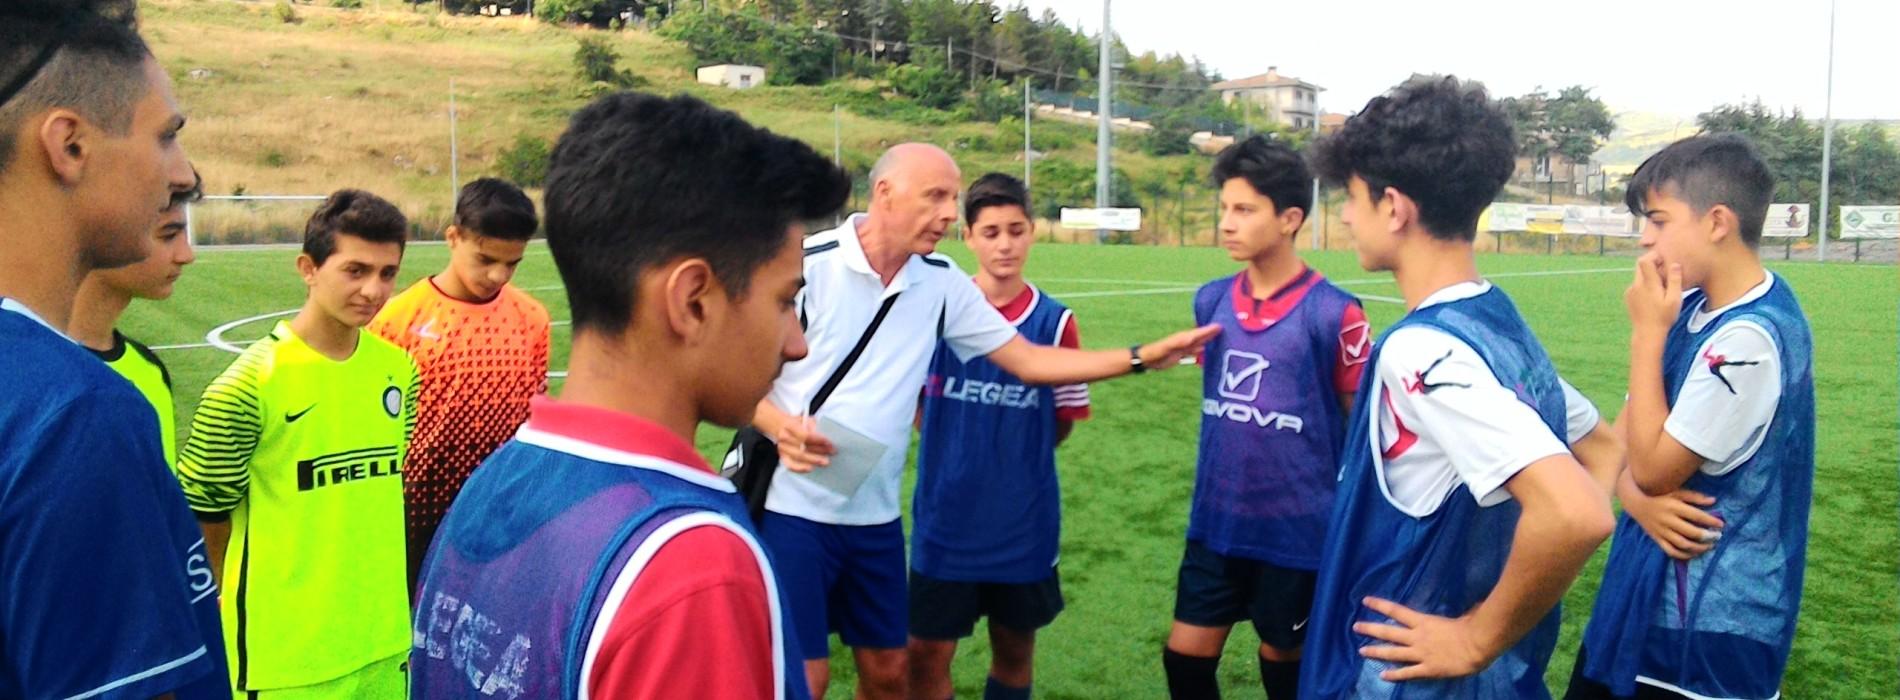 Rapp.ve Provinciali: Giovanissimi del Potentino e della Val d'Agri impegnati a Viggiano